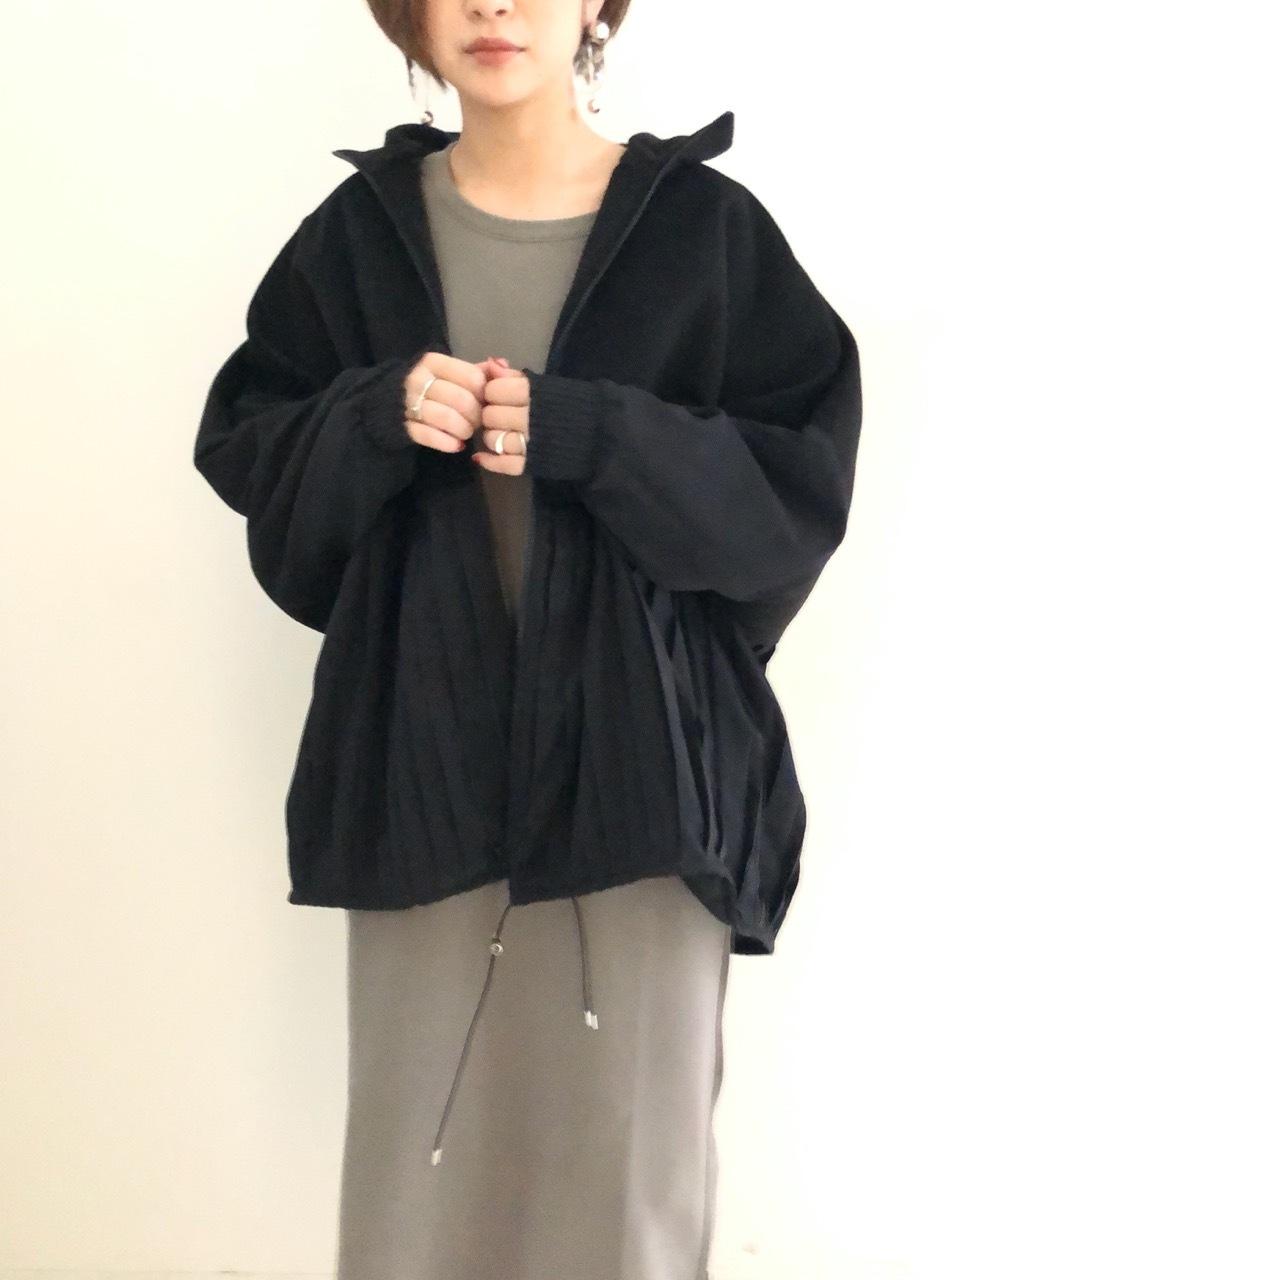 【 TRANOI 】- 136J305 - メルトン切り替えプリーツジャケット